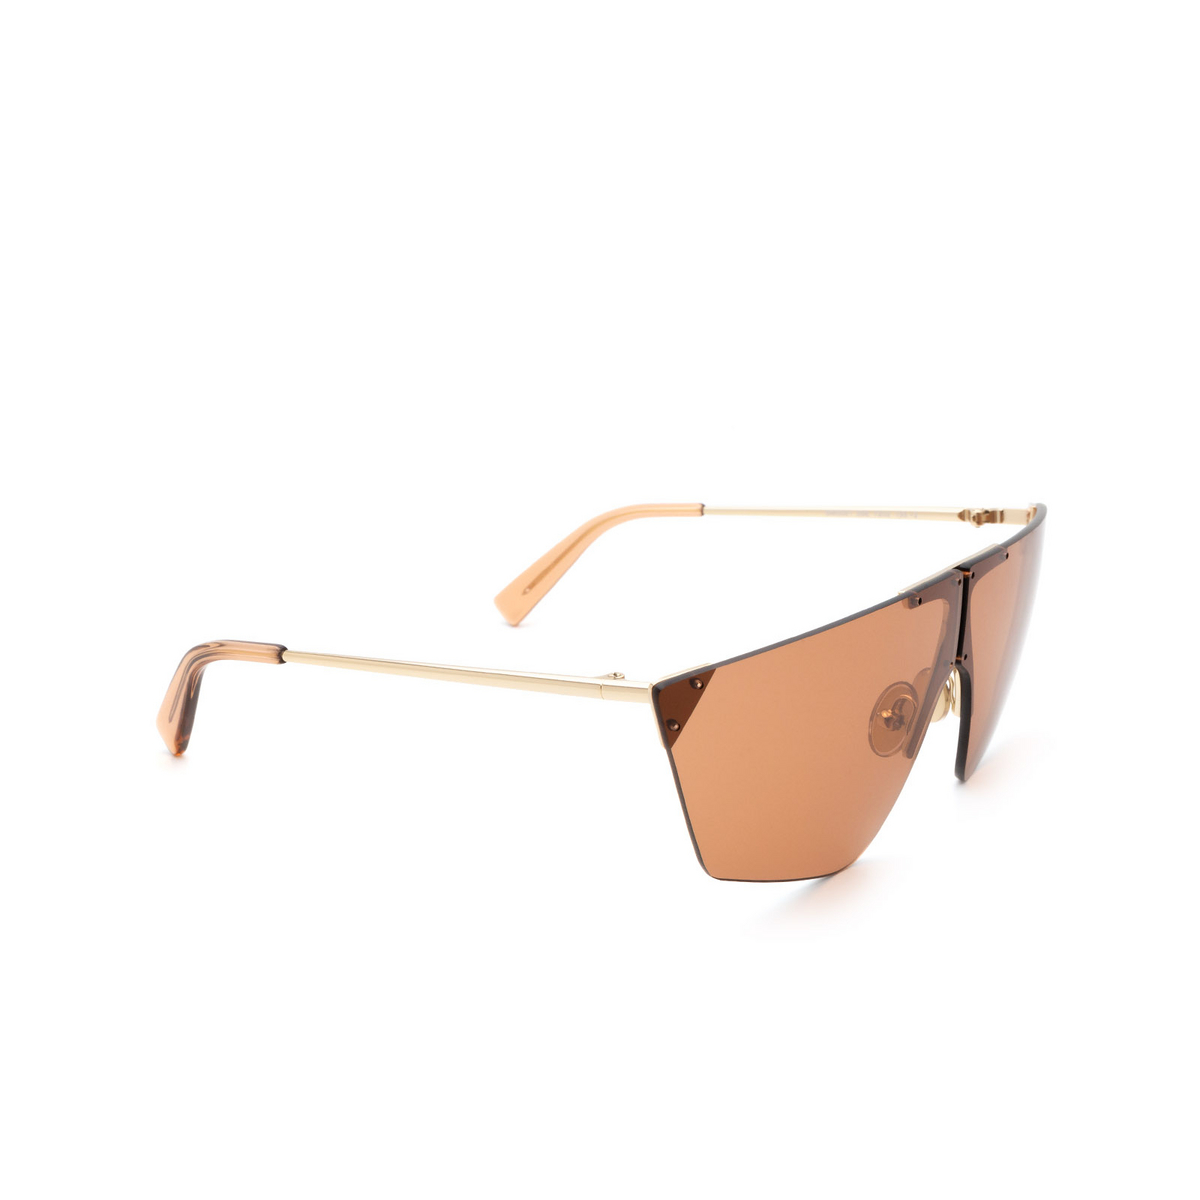 Sportmax® Mask Sunglasses: SM0031 color Rose Gold 28E - three-quarters view.